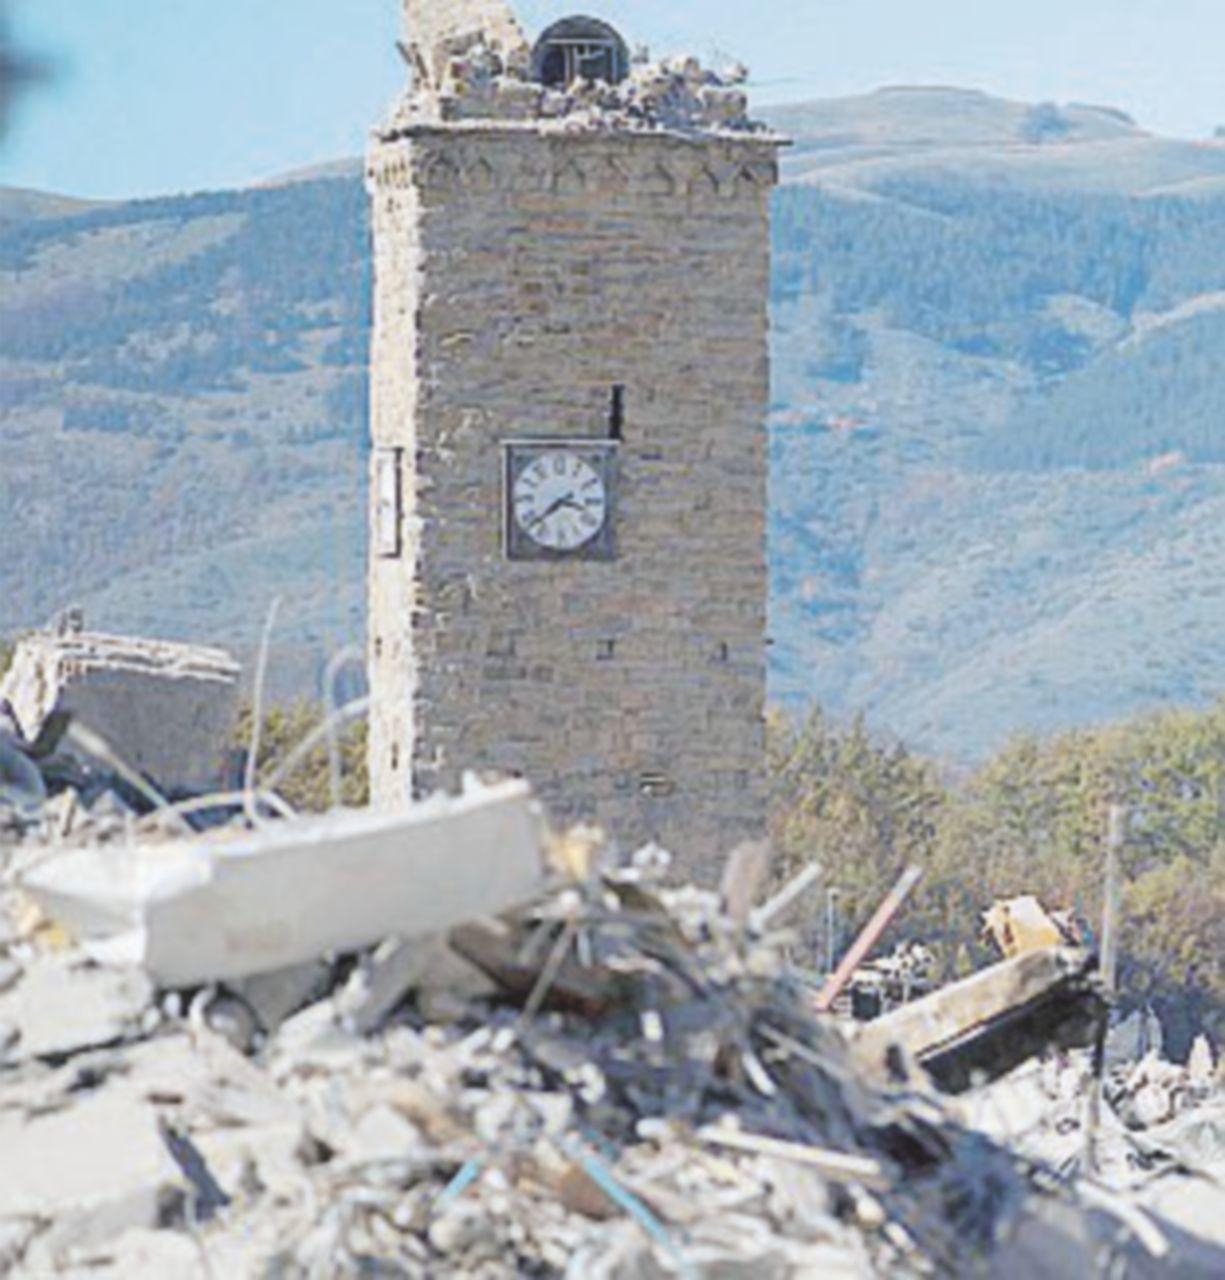 Ristrutturazioni fatte dopo L'Aquila. Nuova indagine sui crolli ad Amatrice